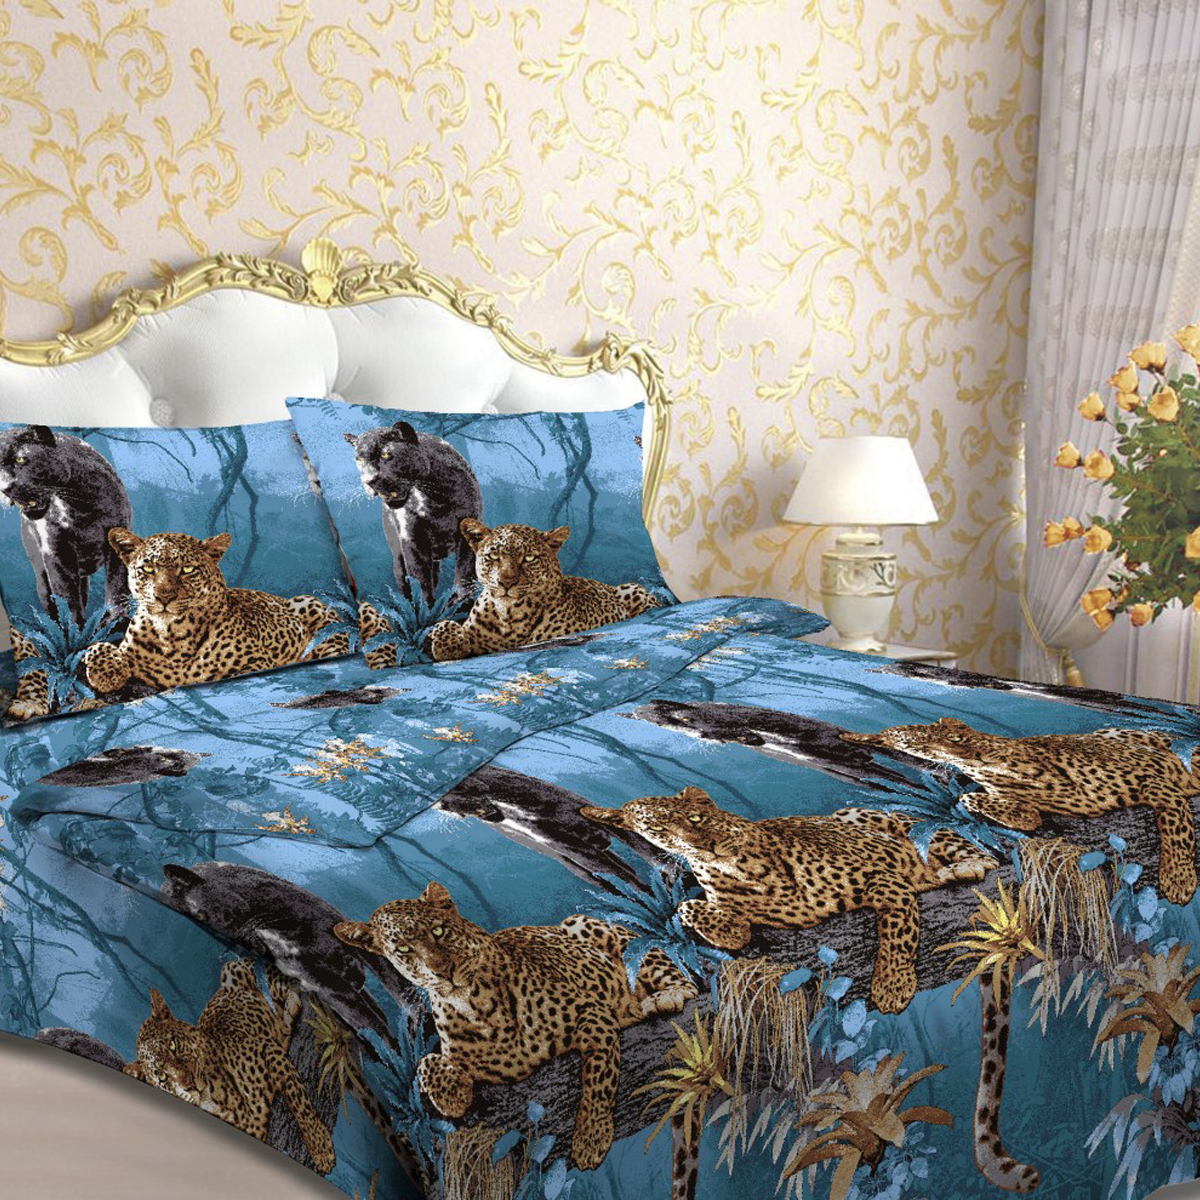 Комплект белья Letto Пантера, 1,5-спальное, наволочки 70х70, цвет: синий. В44-368/5/3Комплект постельного белья Letto Пантера выполнен из бязи (100% натурального хлопка). Комплект состоит из пододеяльника, простыни и двух наволочек. Постельное белье оформлено ярким красочным рисунком.Гладкая структура делает ткань приятной на ощупь, мягкой и нежной, при этом она прочная и хорошо сохраняет форму. Ткань легко гладится. Благодаря такому комплекту постельного белья вы сможете создать атмосферу роскоши и романтики в вашей спальне.В комплект входят: Пододеяльник - 1 шт. Размер: 143 см х 215 см. Простыня - 1 шт. Размер: 150 см х 220, см. Наволочка - 2 шт. Размер: 70 см х 70 см. Плотность: 125 г/м.